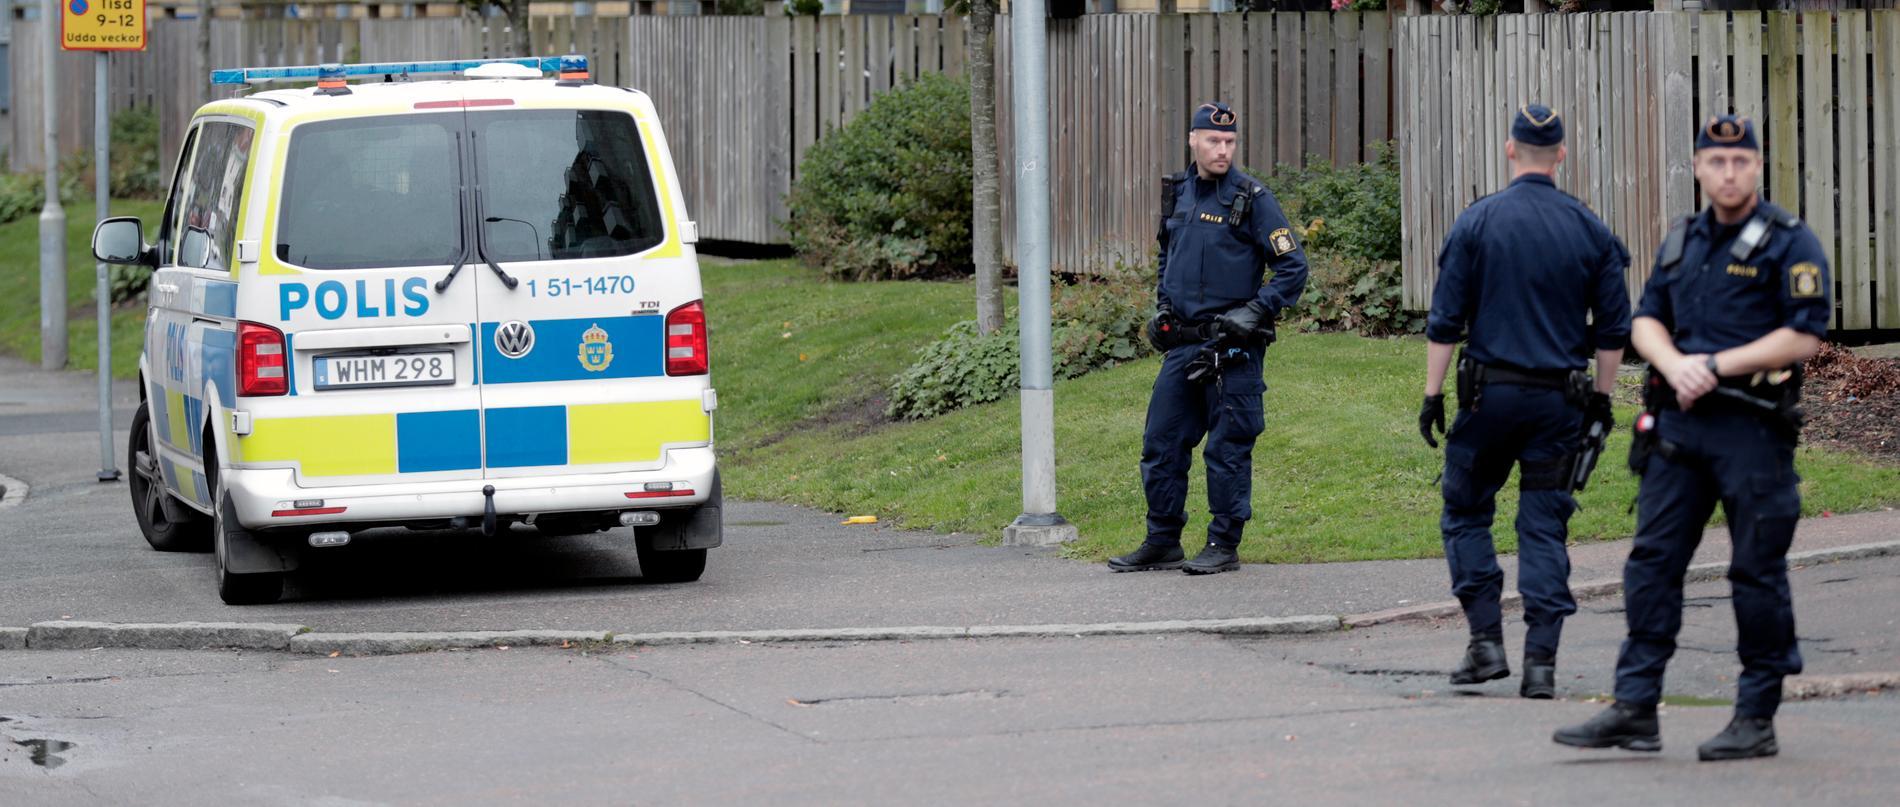 Polisen genomförde flera insatser under torsdagen.